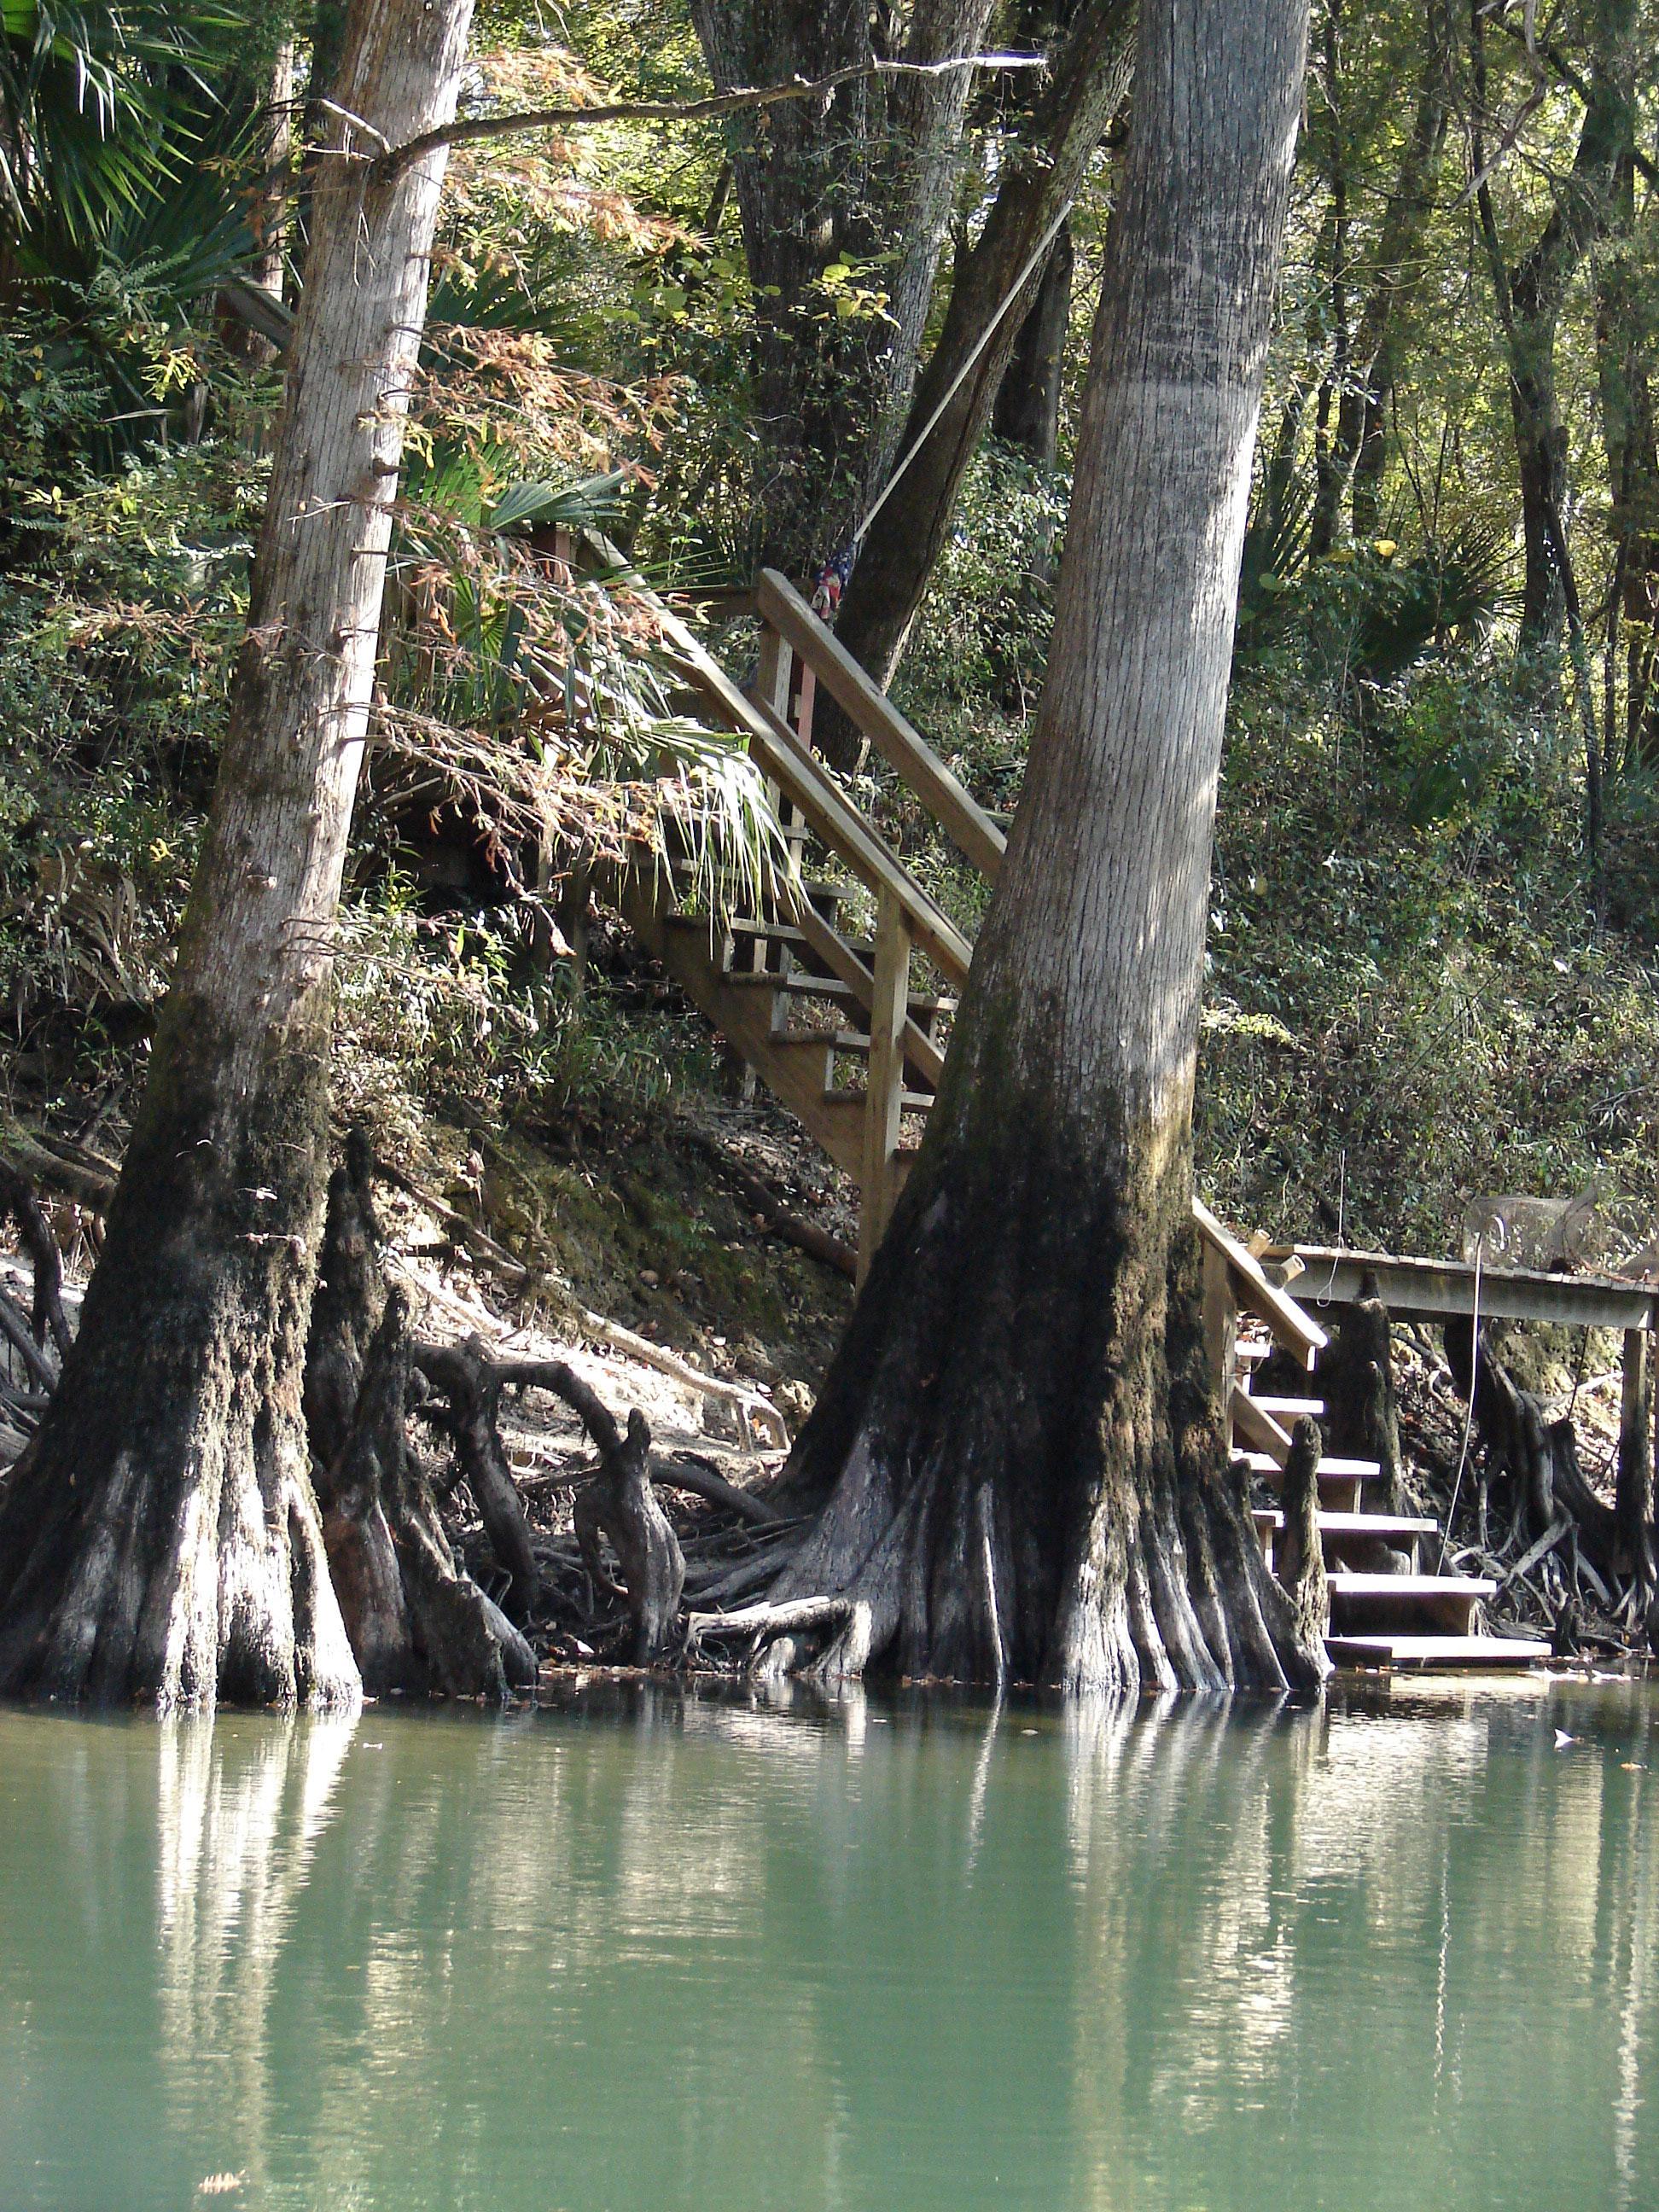 steps-stock-photos-florida-panhandle-chipola-river-linda-bateman